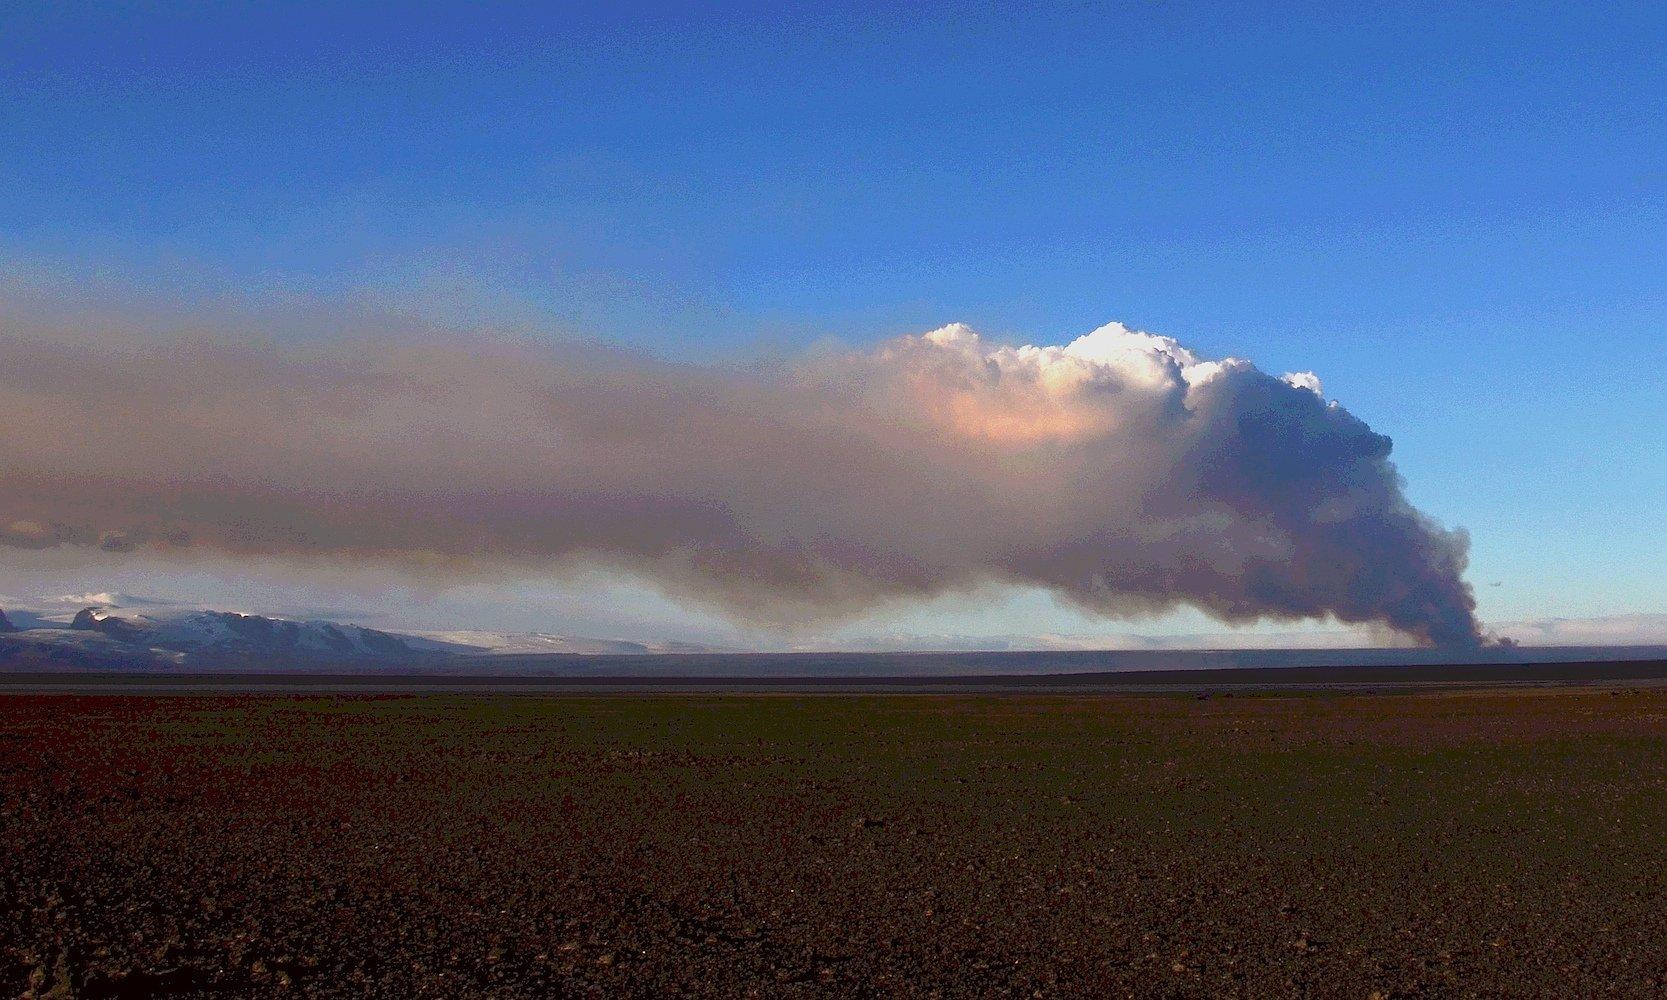 Fantastischer Blick auf eine Rauchwolke des isländischen Vulkans Bárdarbunga.